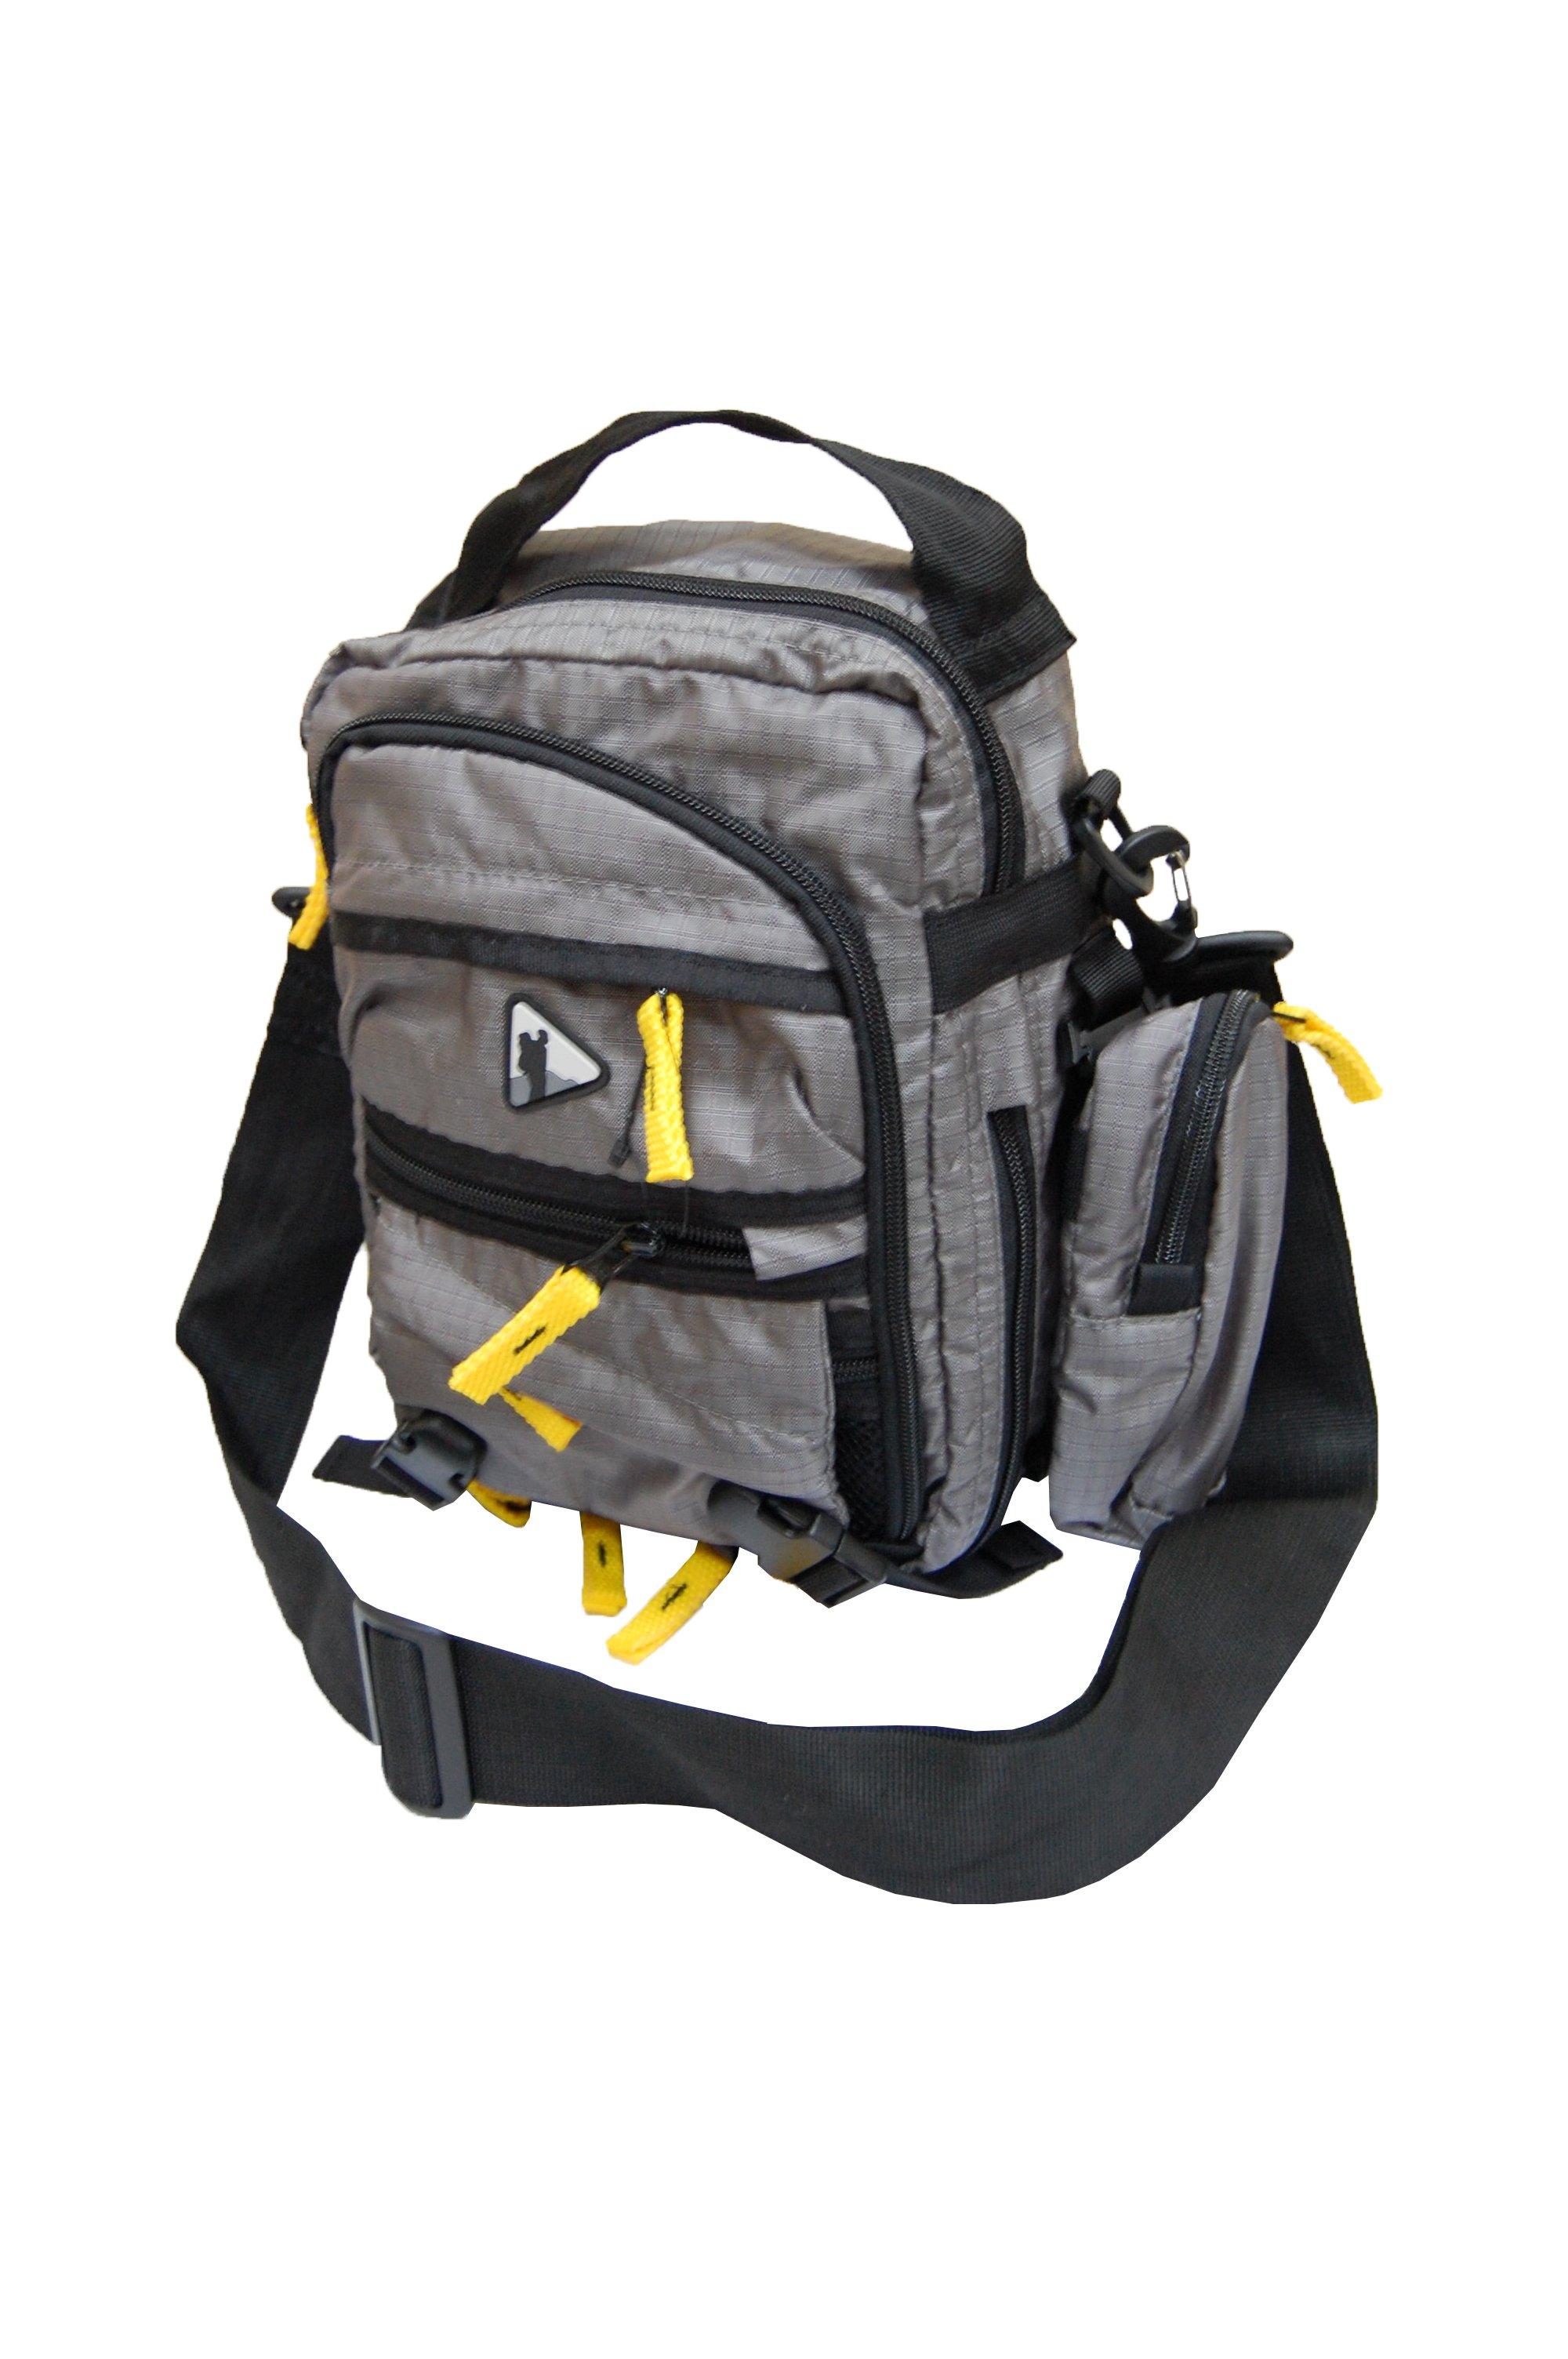 Сумка на плечо BASK DAKIT V2 5097aСтильная функциональная сумка через плечо. Подойдет для походов на работу и учебу.<br><br>Анатомическая конструкция спины и ремней: Нет<br>Вентиляция спины: Нет<br>Вес граммы: 440<br>Внутренние карманы: Да<br>Внутренняя перегородка: Да<br>Возможность крепления сноуборда/скейтборда/лыж: Нет<br>Грудной фиксатор: Нет<br>Карман для гидратора: Нет<br>Карман для средств связи: Да<br>Карманы на поясе: Нет<br>Накидка от дождя: Нет<br>Наружная навеска: неприменимо<br>Наружные карманы: Да<br>Нижний вход: Нет<br>Объем л.: до 15<br>Регулировка объема: круговая молния<br>Регулировка угла наклона пояса: Нет<br>Светоотражающий кант: Нет<br>Ткань: 100D Robic® Triple Rip 2000 мм Н2О UTS<br>Усиление дна: Нет<br>Фурнитура: Duraflex®